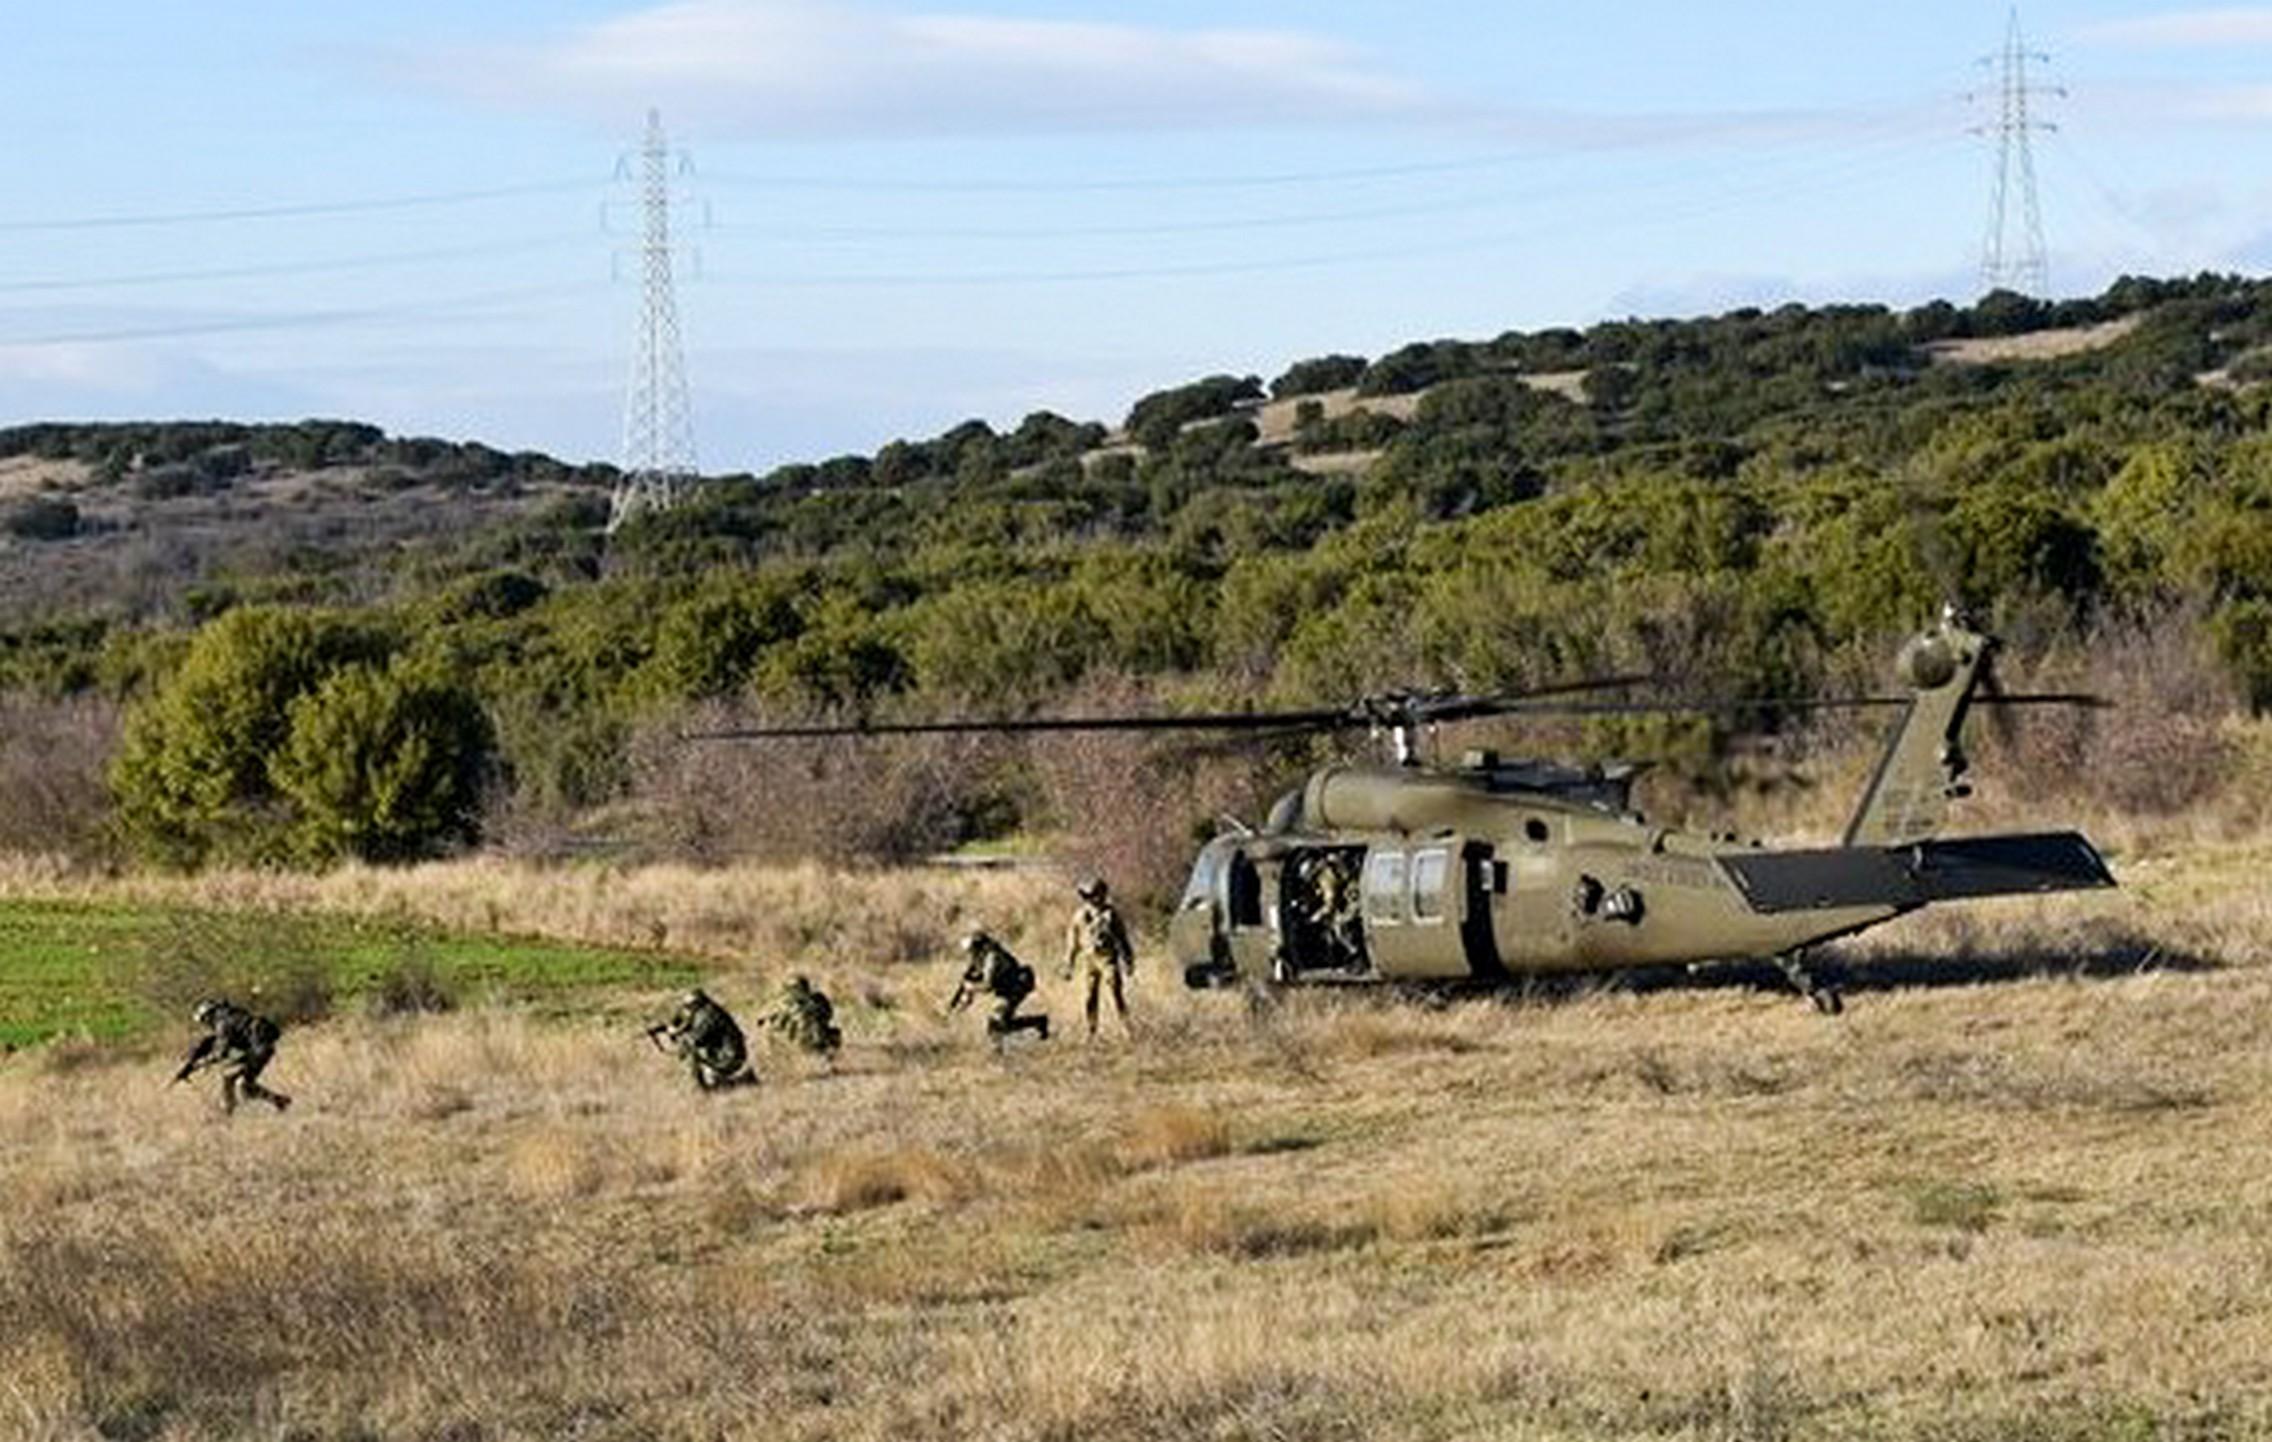 ΥΕΘΑ: Διευκρινίσεις για τις αποζημιώσεις των Οπλιτών Βραχείας Ανακατάταξης μετά την απόλυσή τους